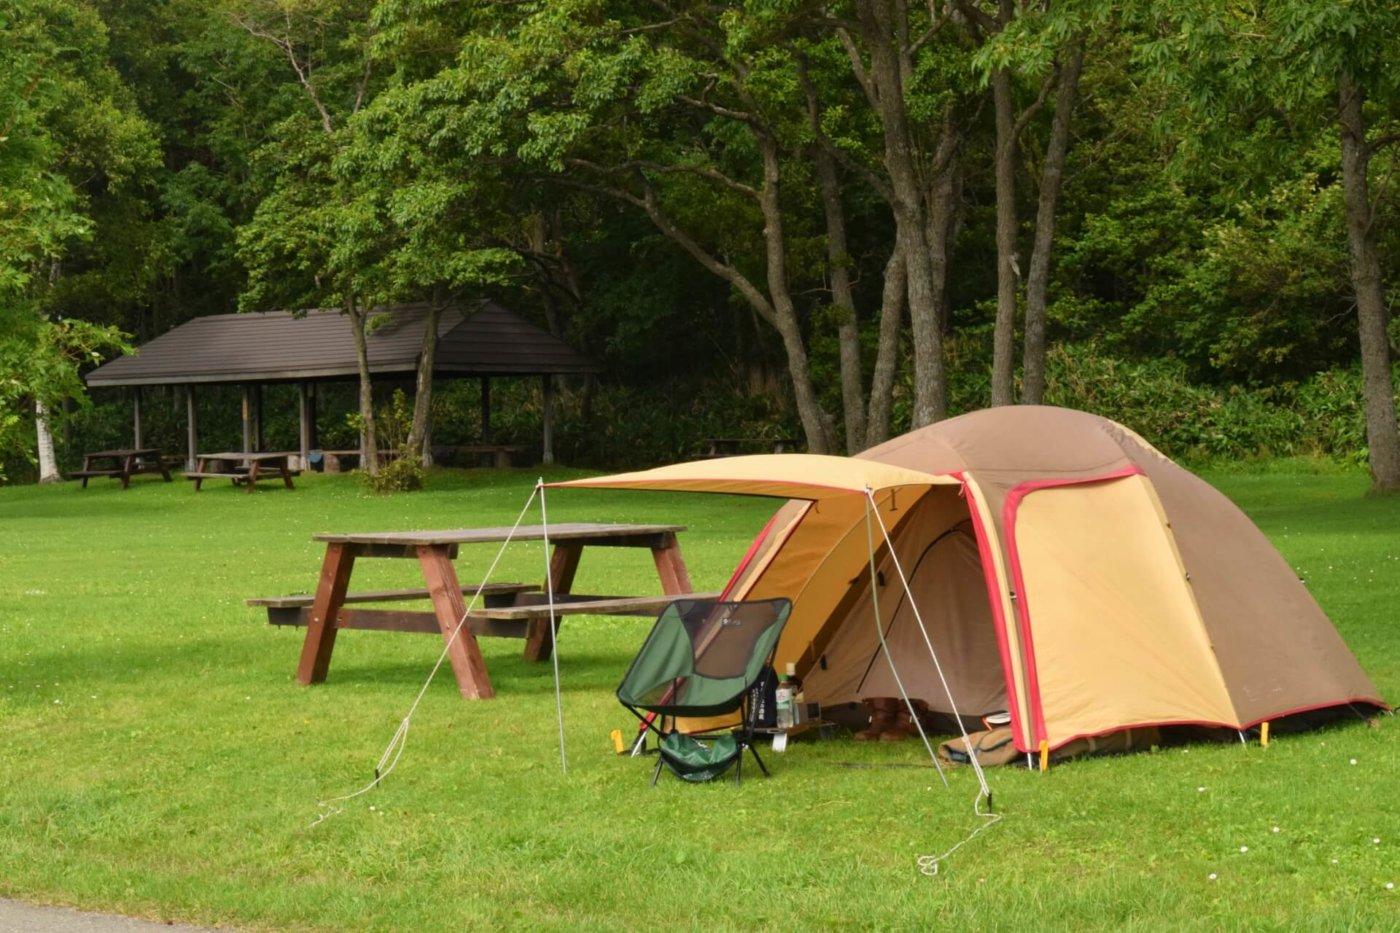 キャンプに使うテントの構造の違い